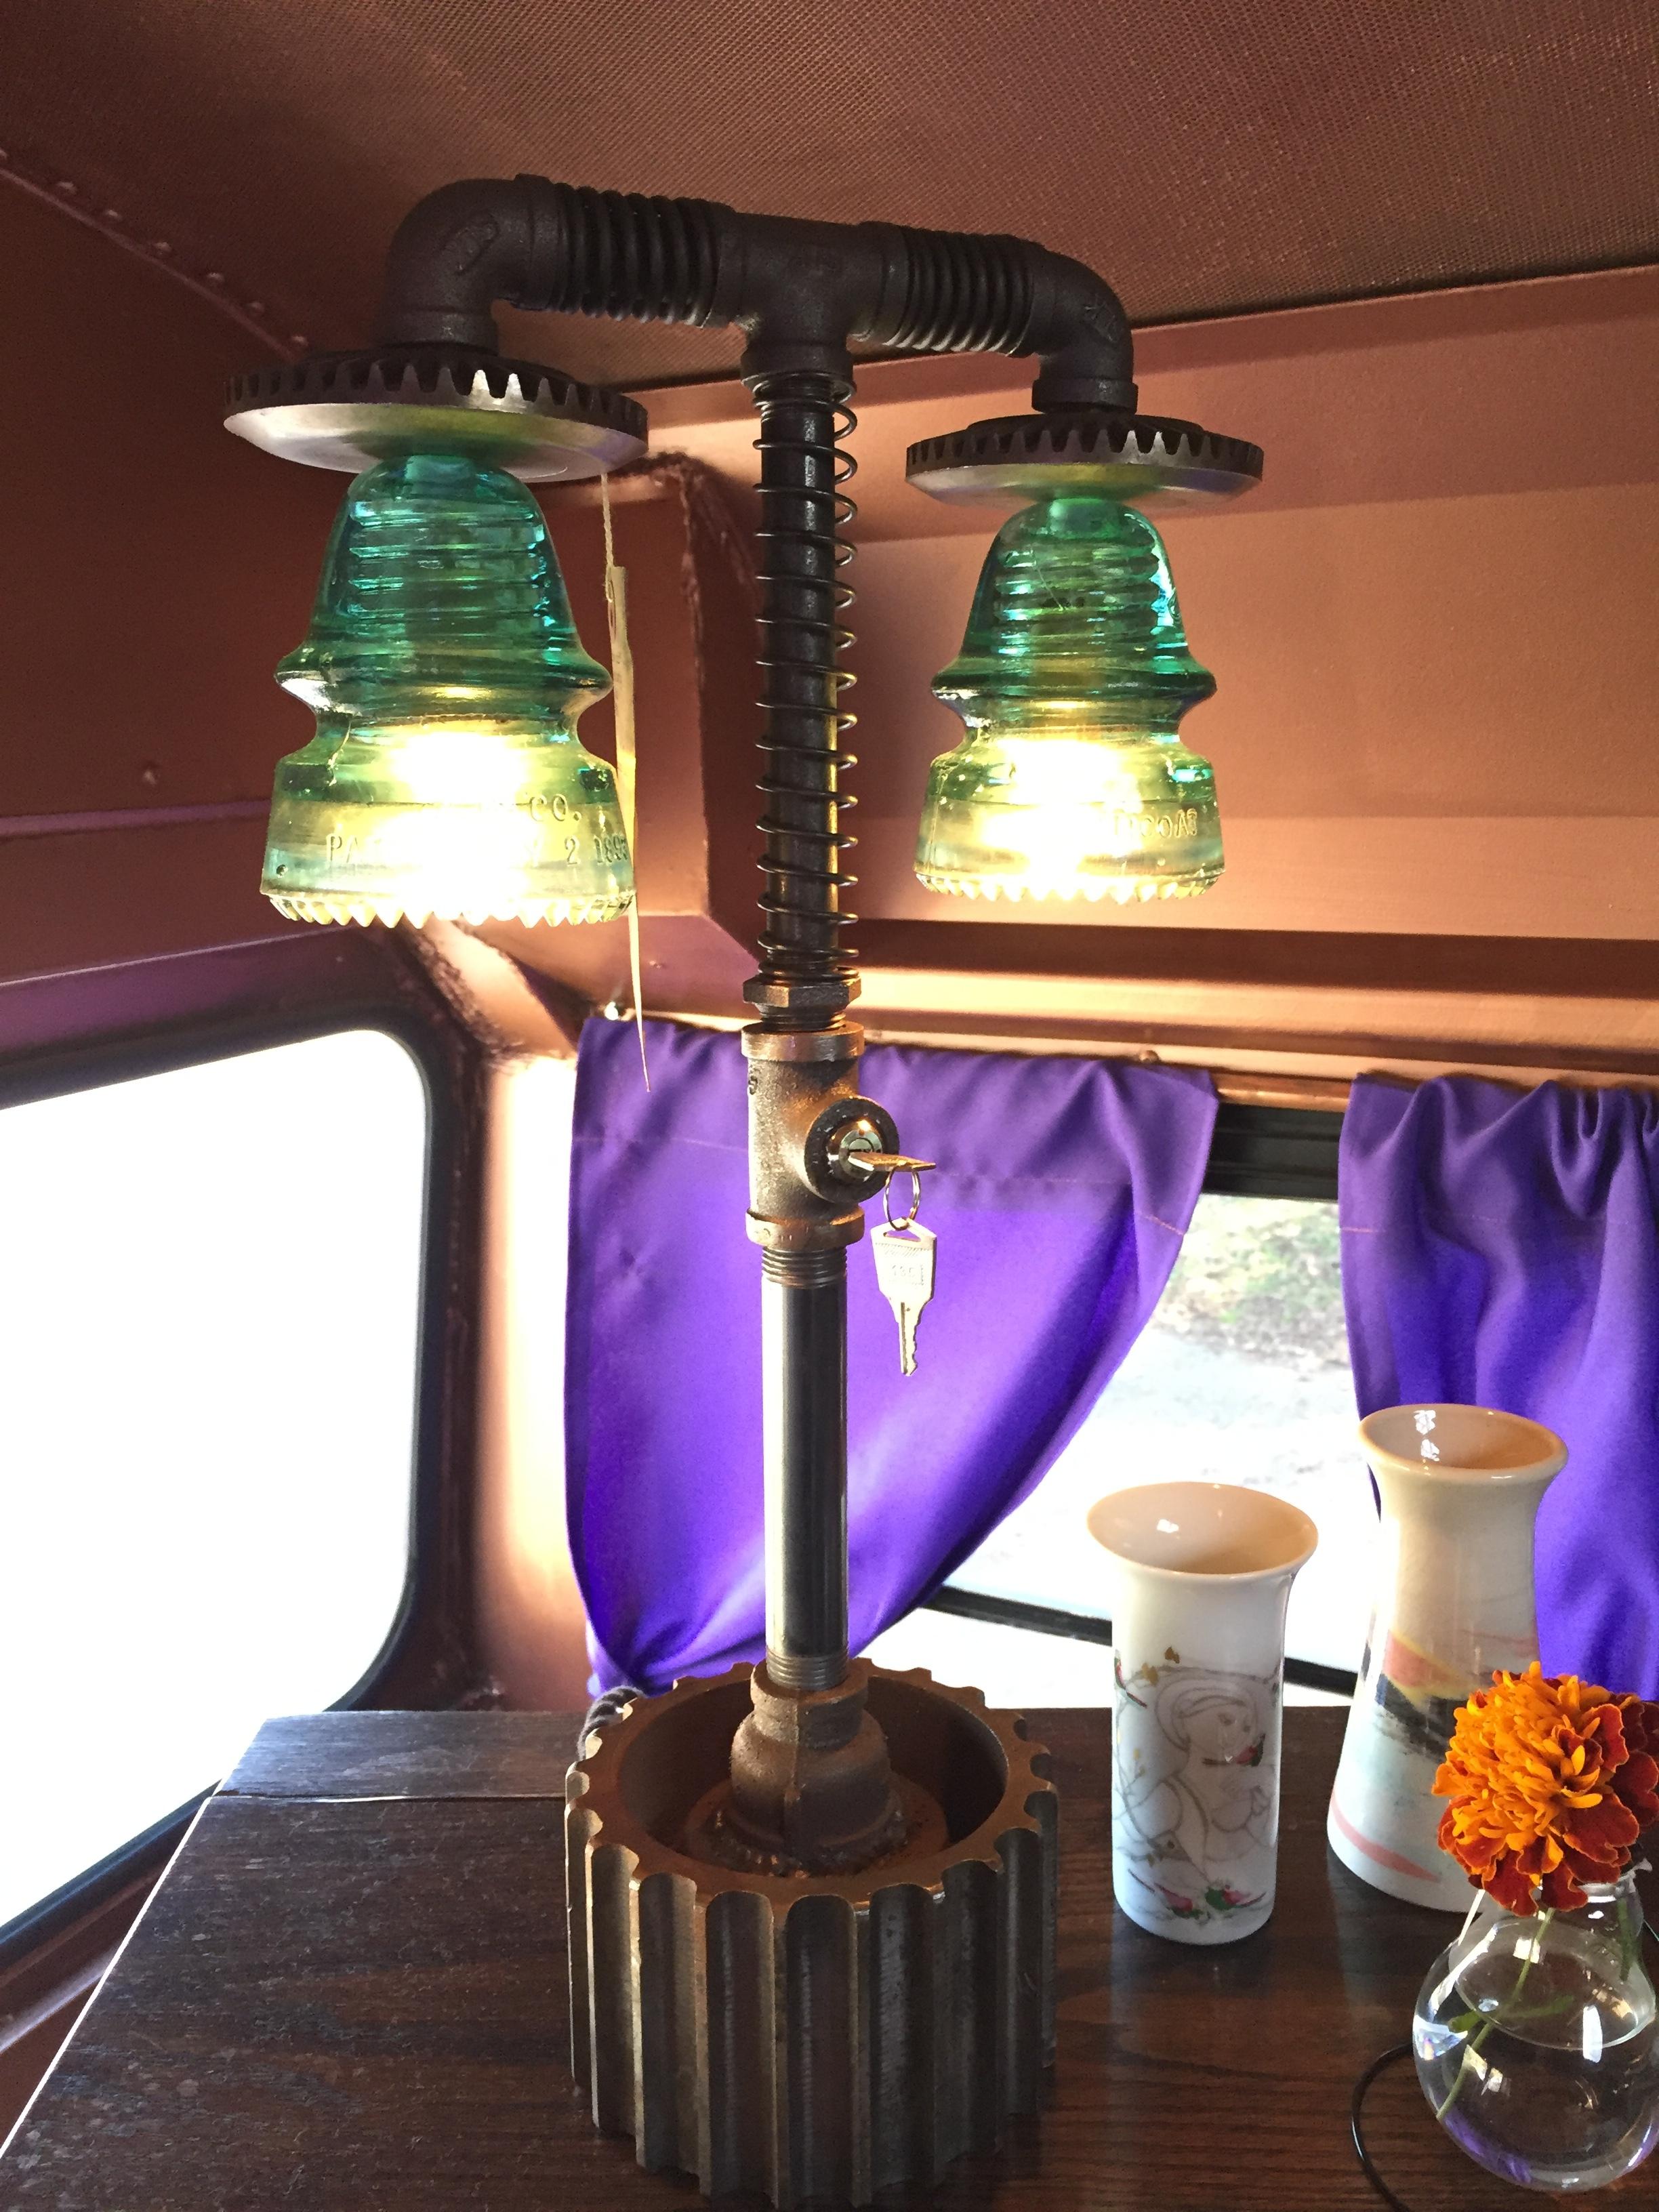 Lamps by Wanderlust